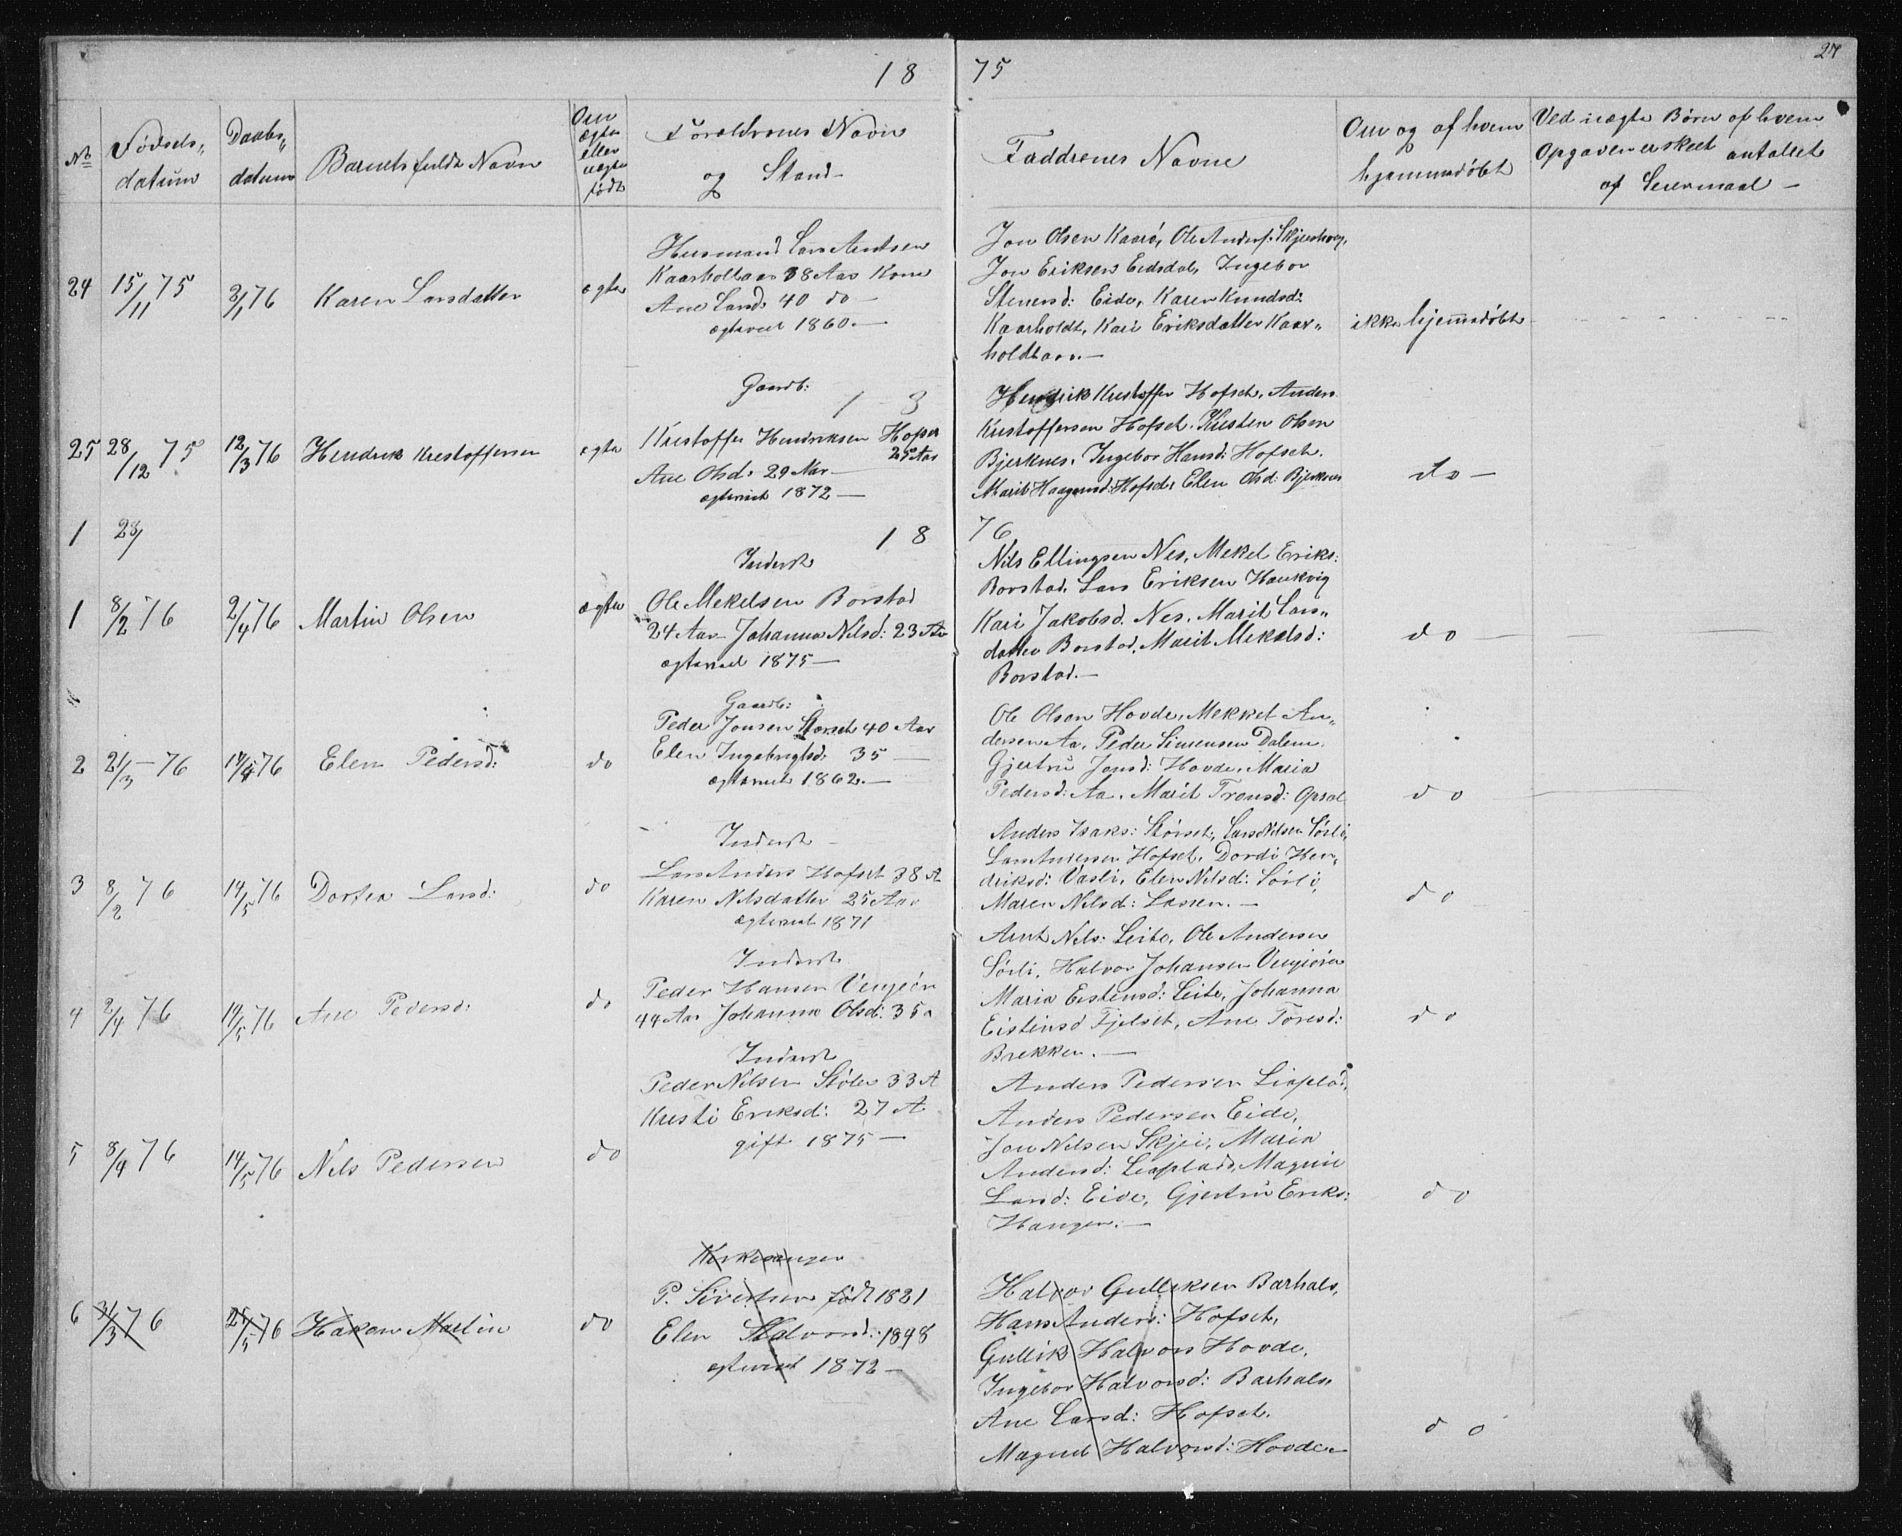 SAT, Ministerialprotokoller, klokkerbøker og fødselsregistre - Sør-Trøndelag, 631/L0513: Klokkerbok nr. 631C01, 1869-1879, s. 27